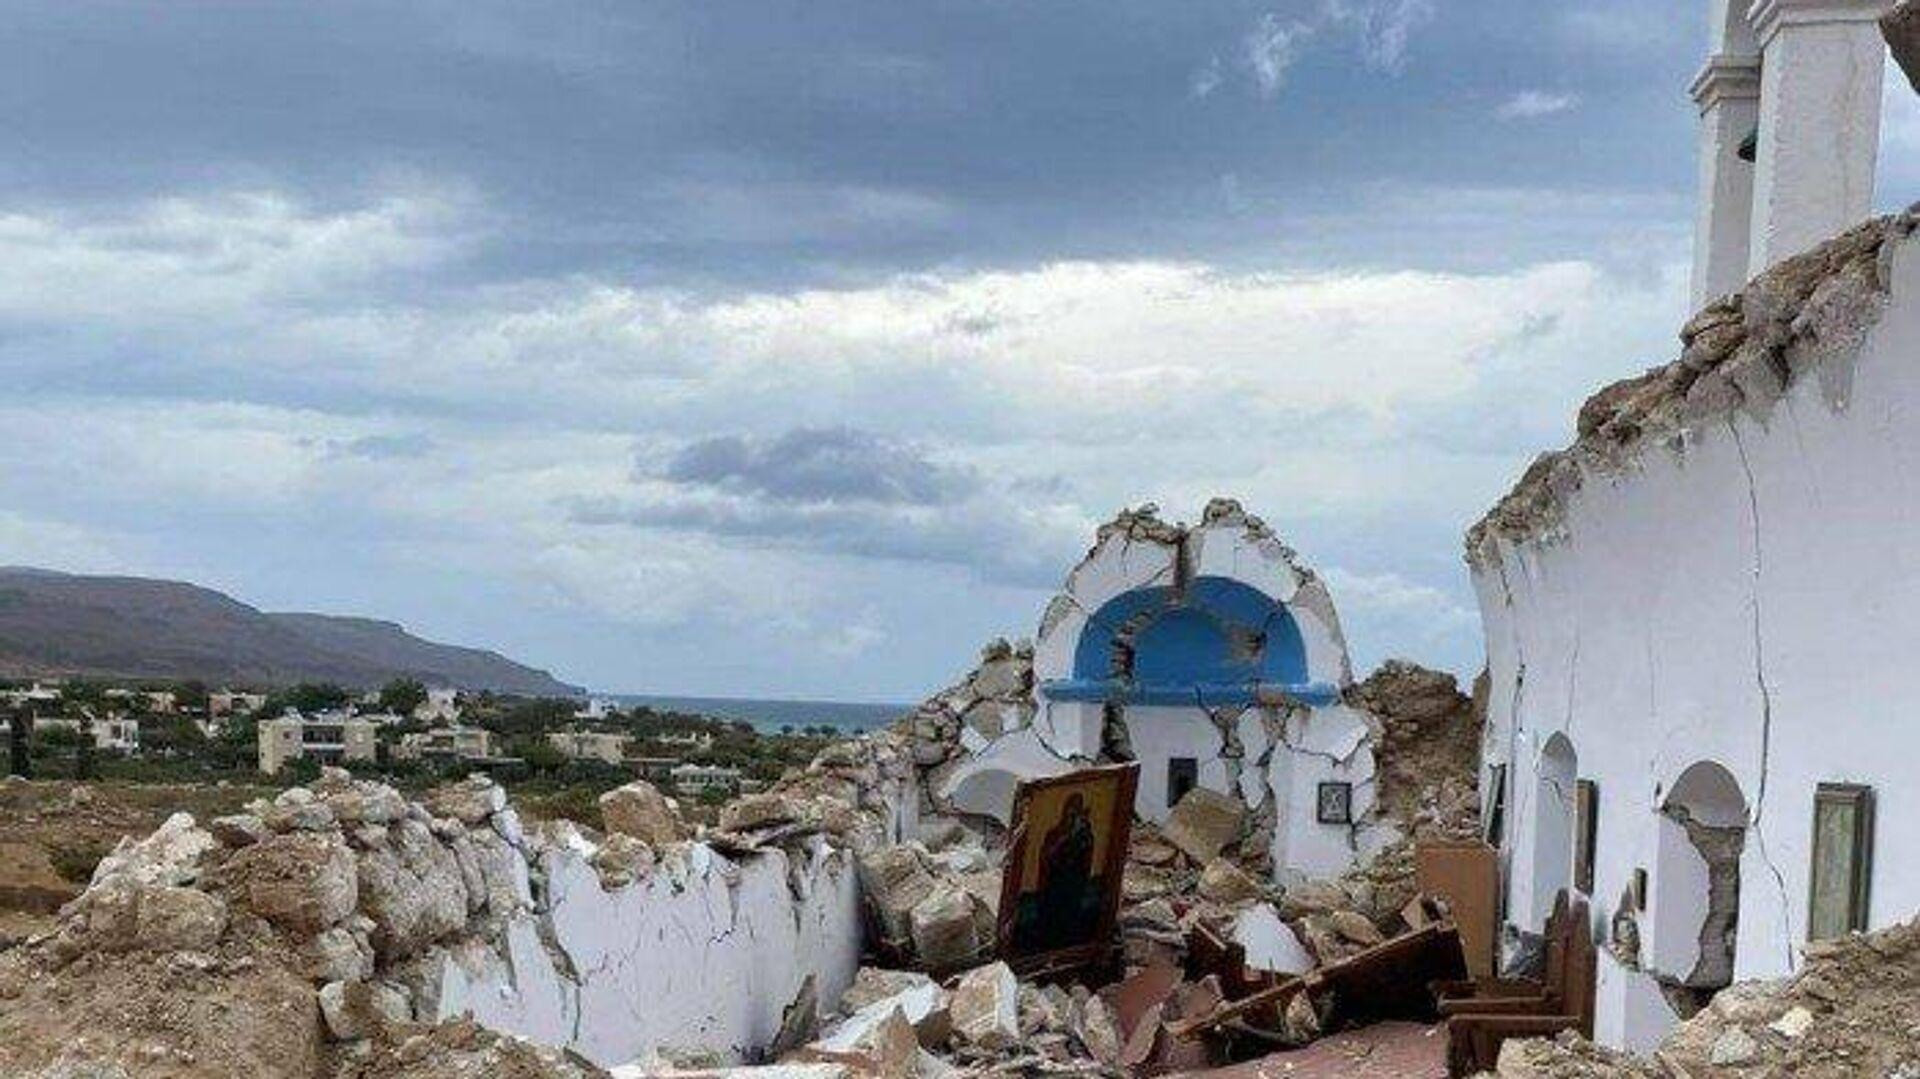 Κατέρρευσε εκκλησία στη Σητεία - Sputnik Ελλάδα, 1920, 13.10.2021